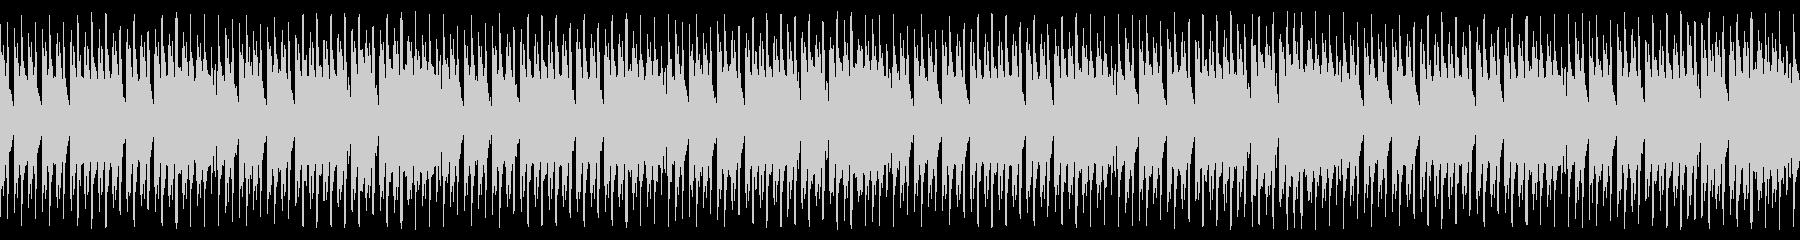 ポップな雰囲気の4つ打ちループ音源の未再生の波形